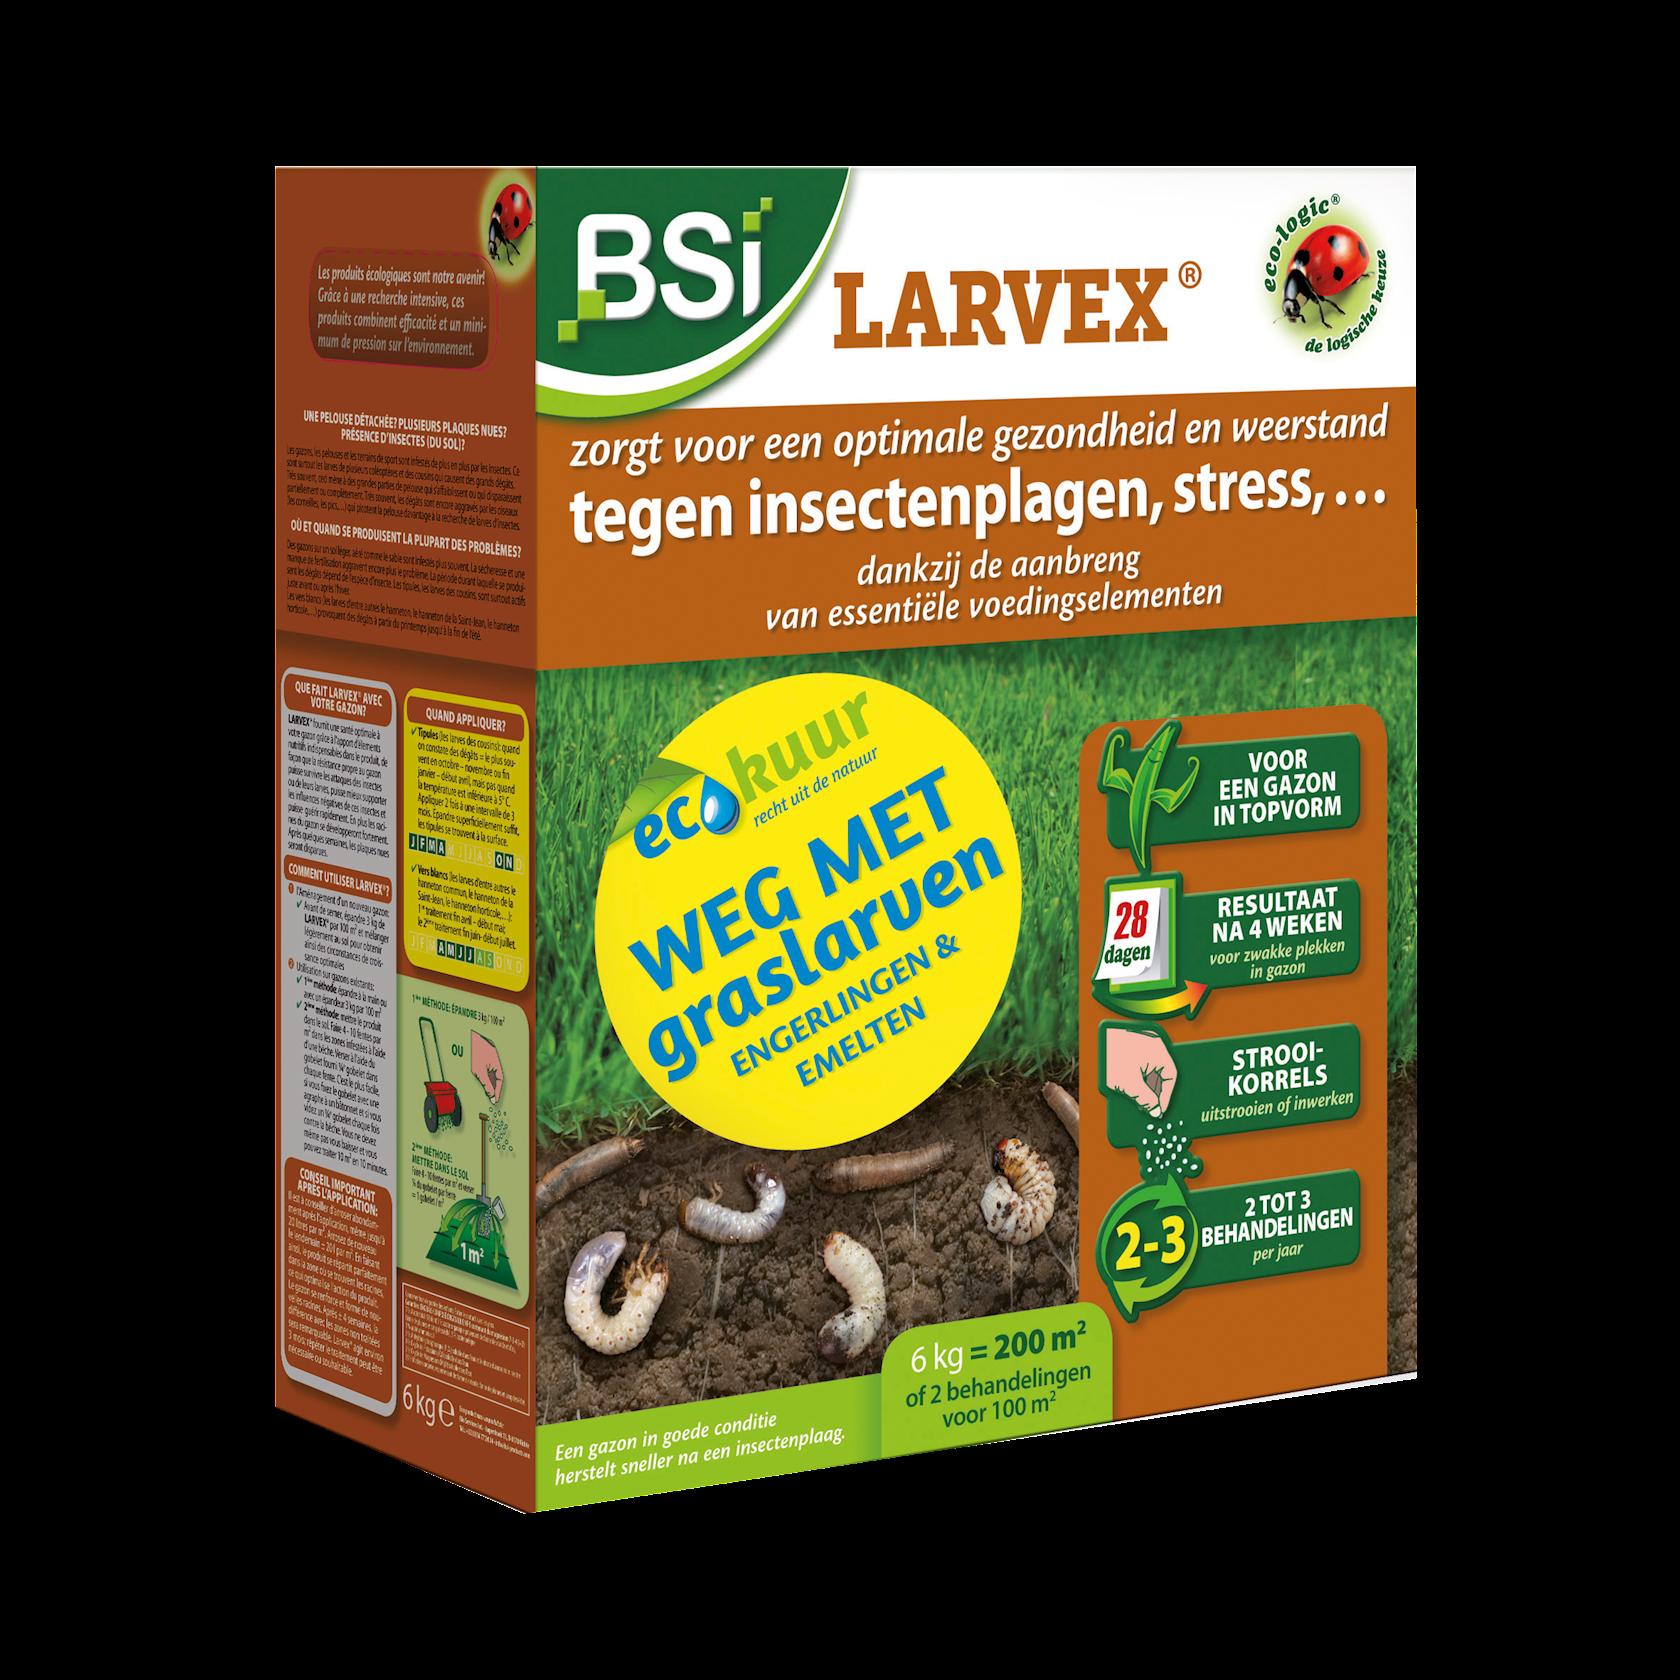 Larvex-strooikorrels-6kg-voor-200m-verdrijft-engerlingen-emelten-